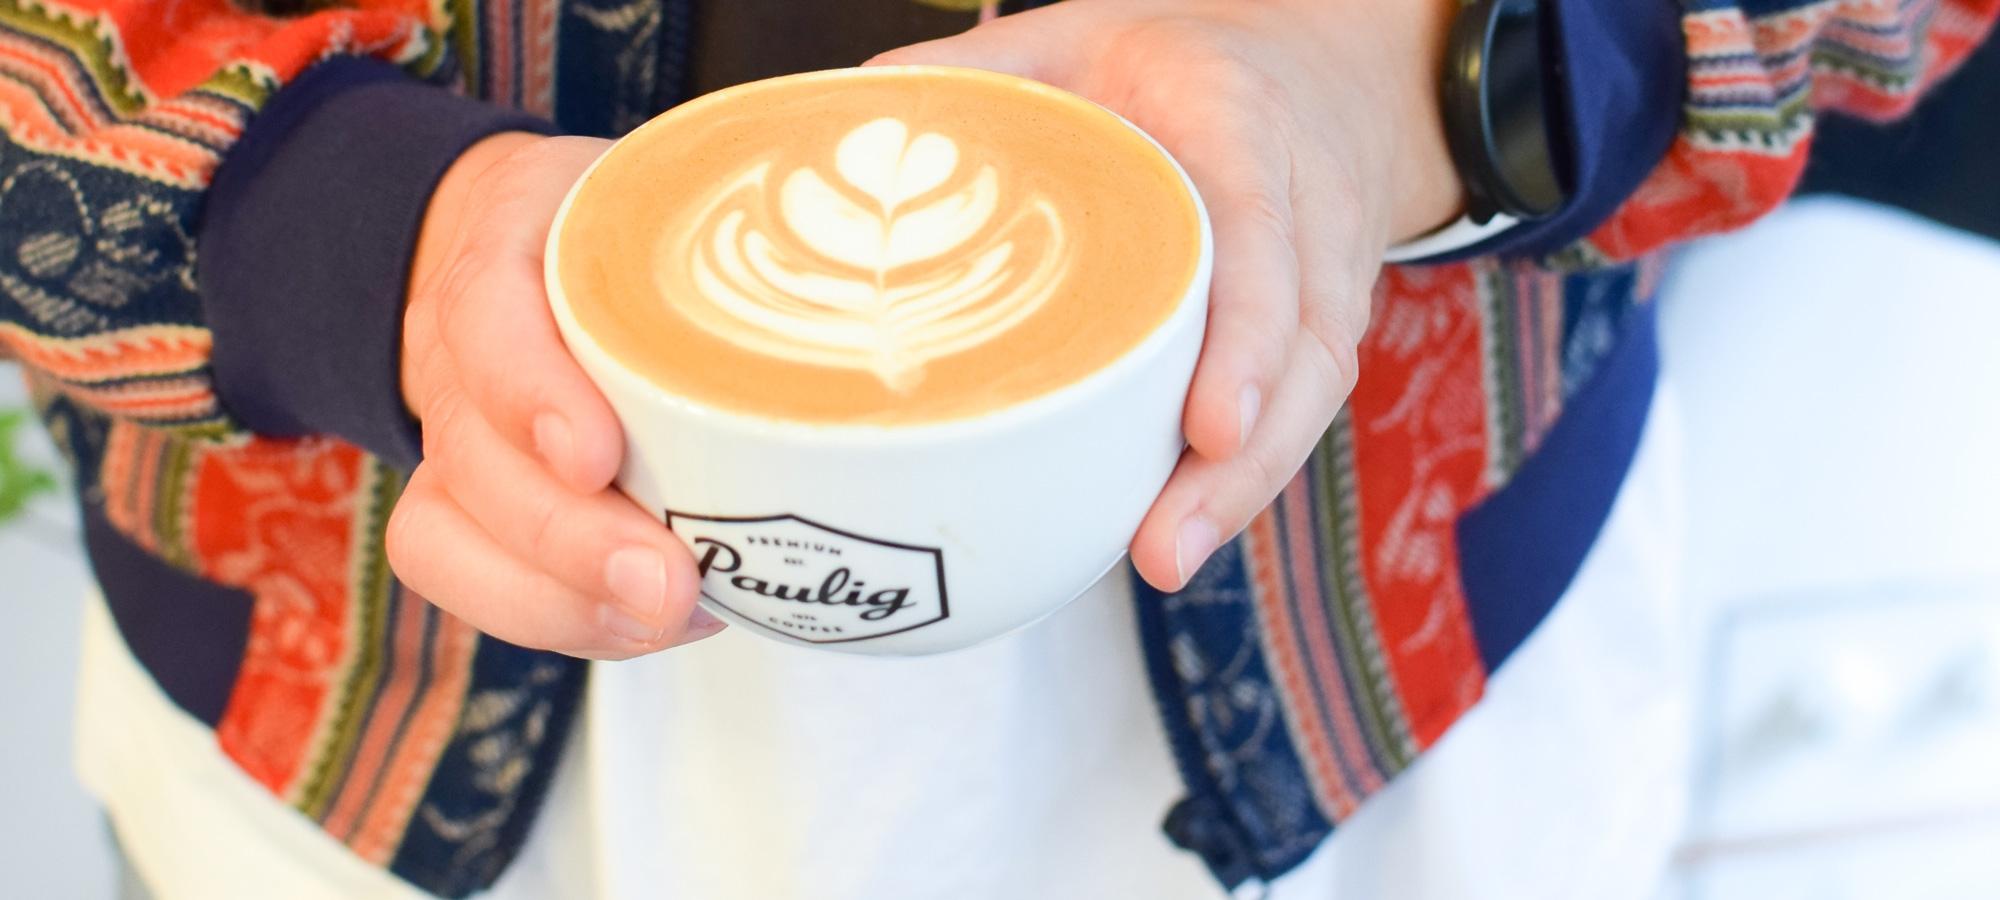 Mitä on latte art? Latte art on taidetta kahvikupissa